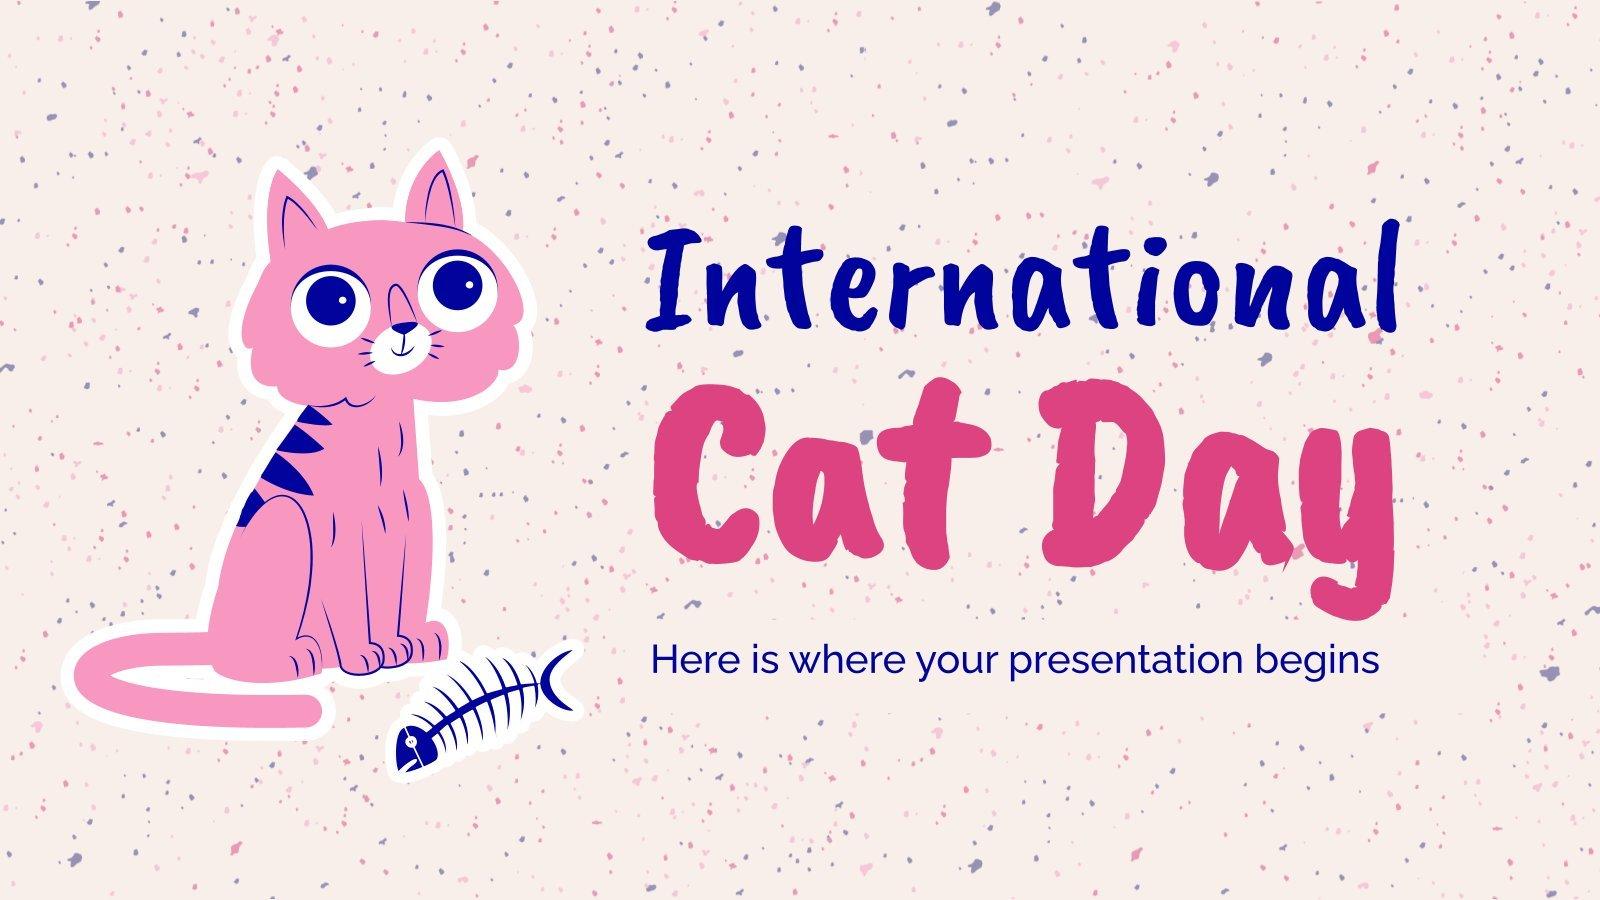 Journée internationale du chat : Modèles de présentation